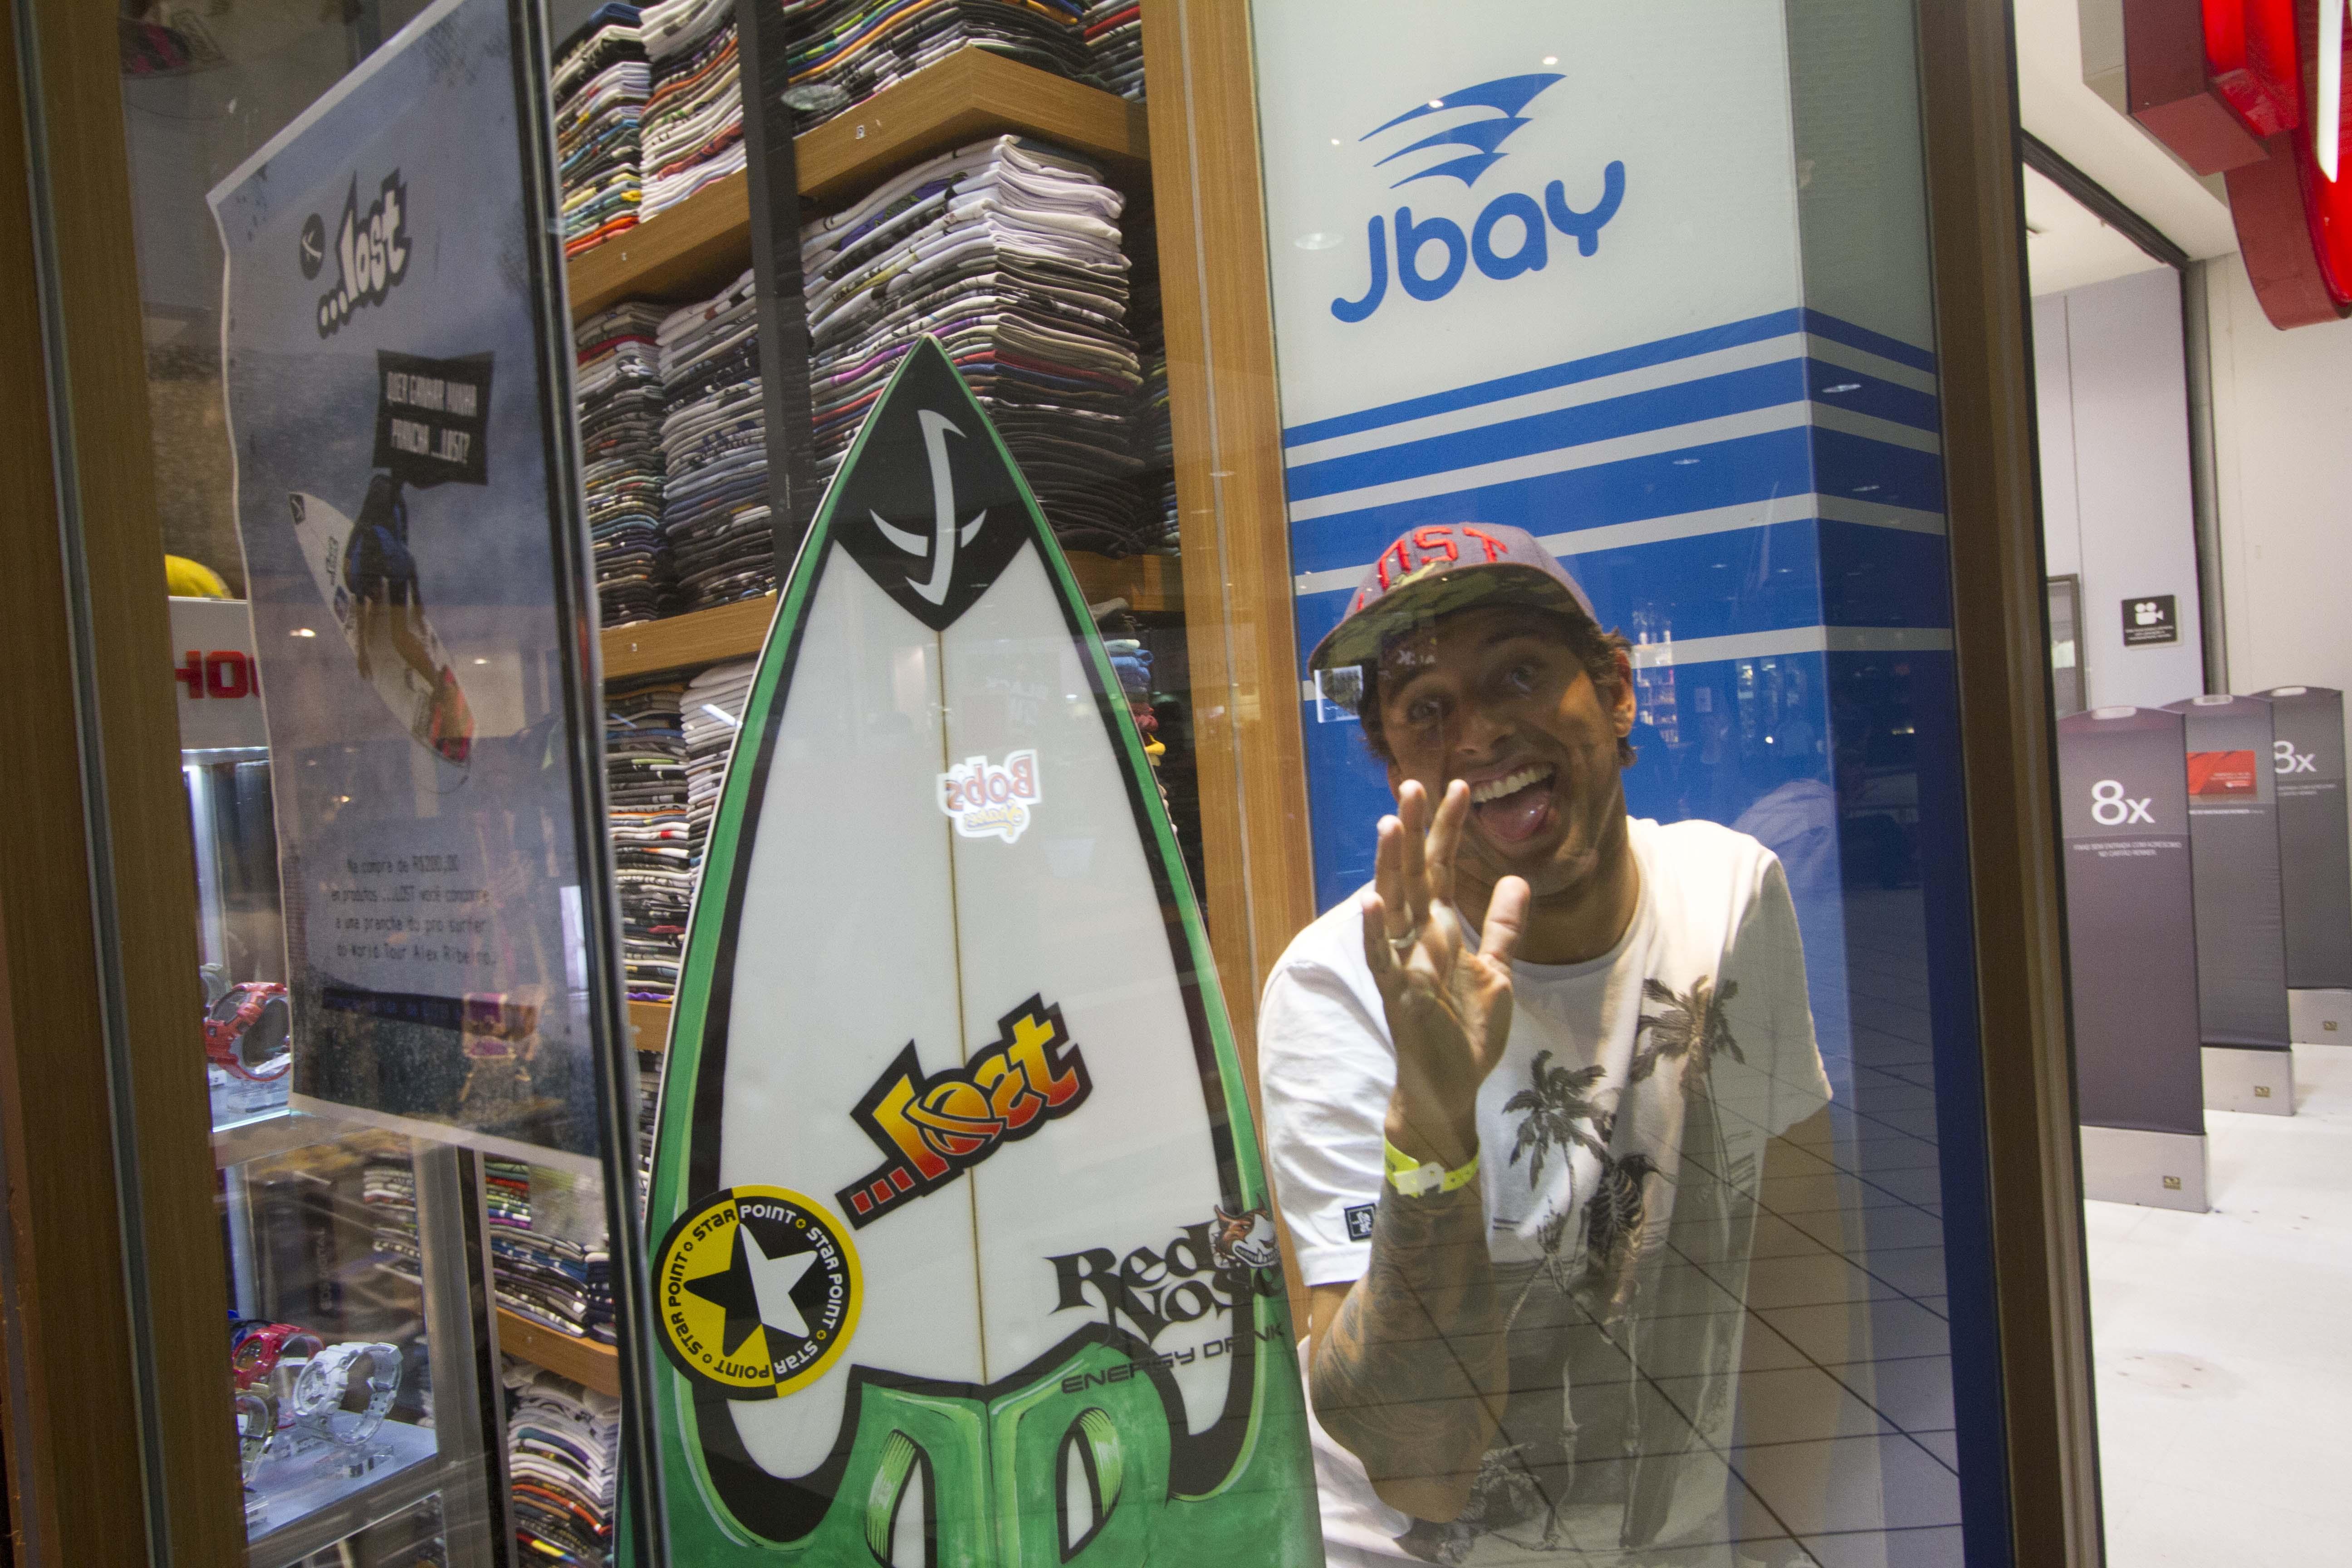 Lost recebem fãs em São Paulo e Santa Catarina 2e2b497610